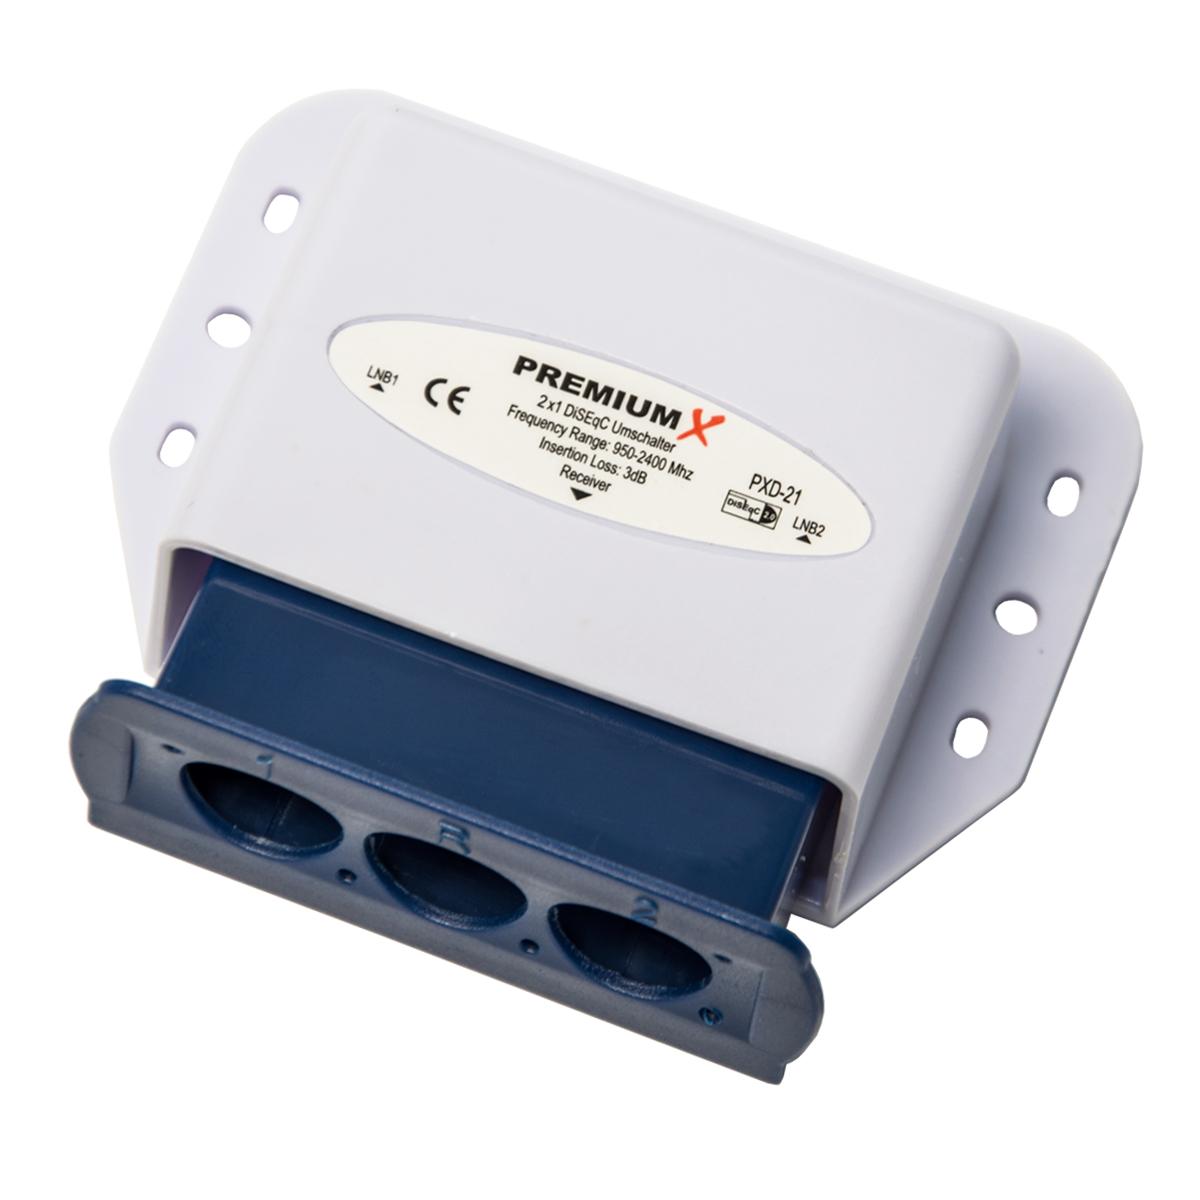 4x PremiumX DiSEqC Schalter 2/1 SAT 2.0 Umschalter Switch mit Wetterschutzgehäuse DVB-S DVB-S2 FullHD HDTV